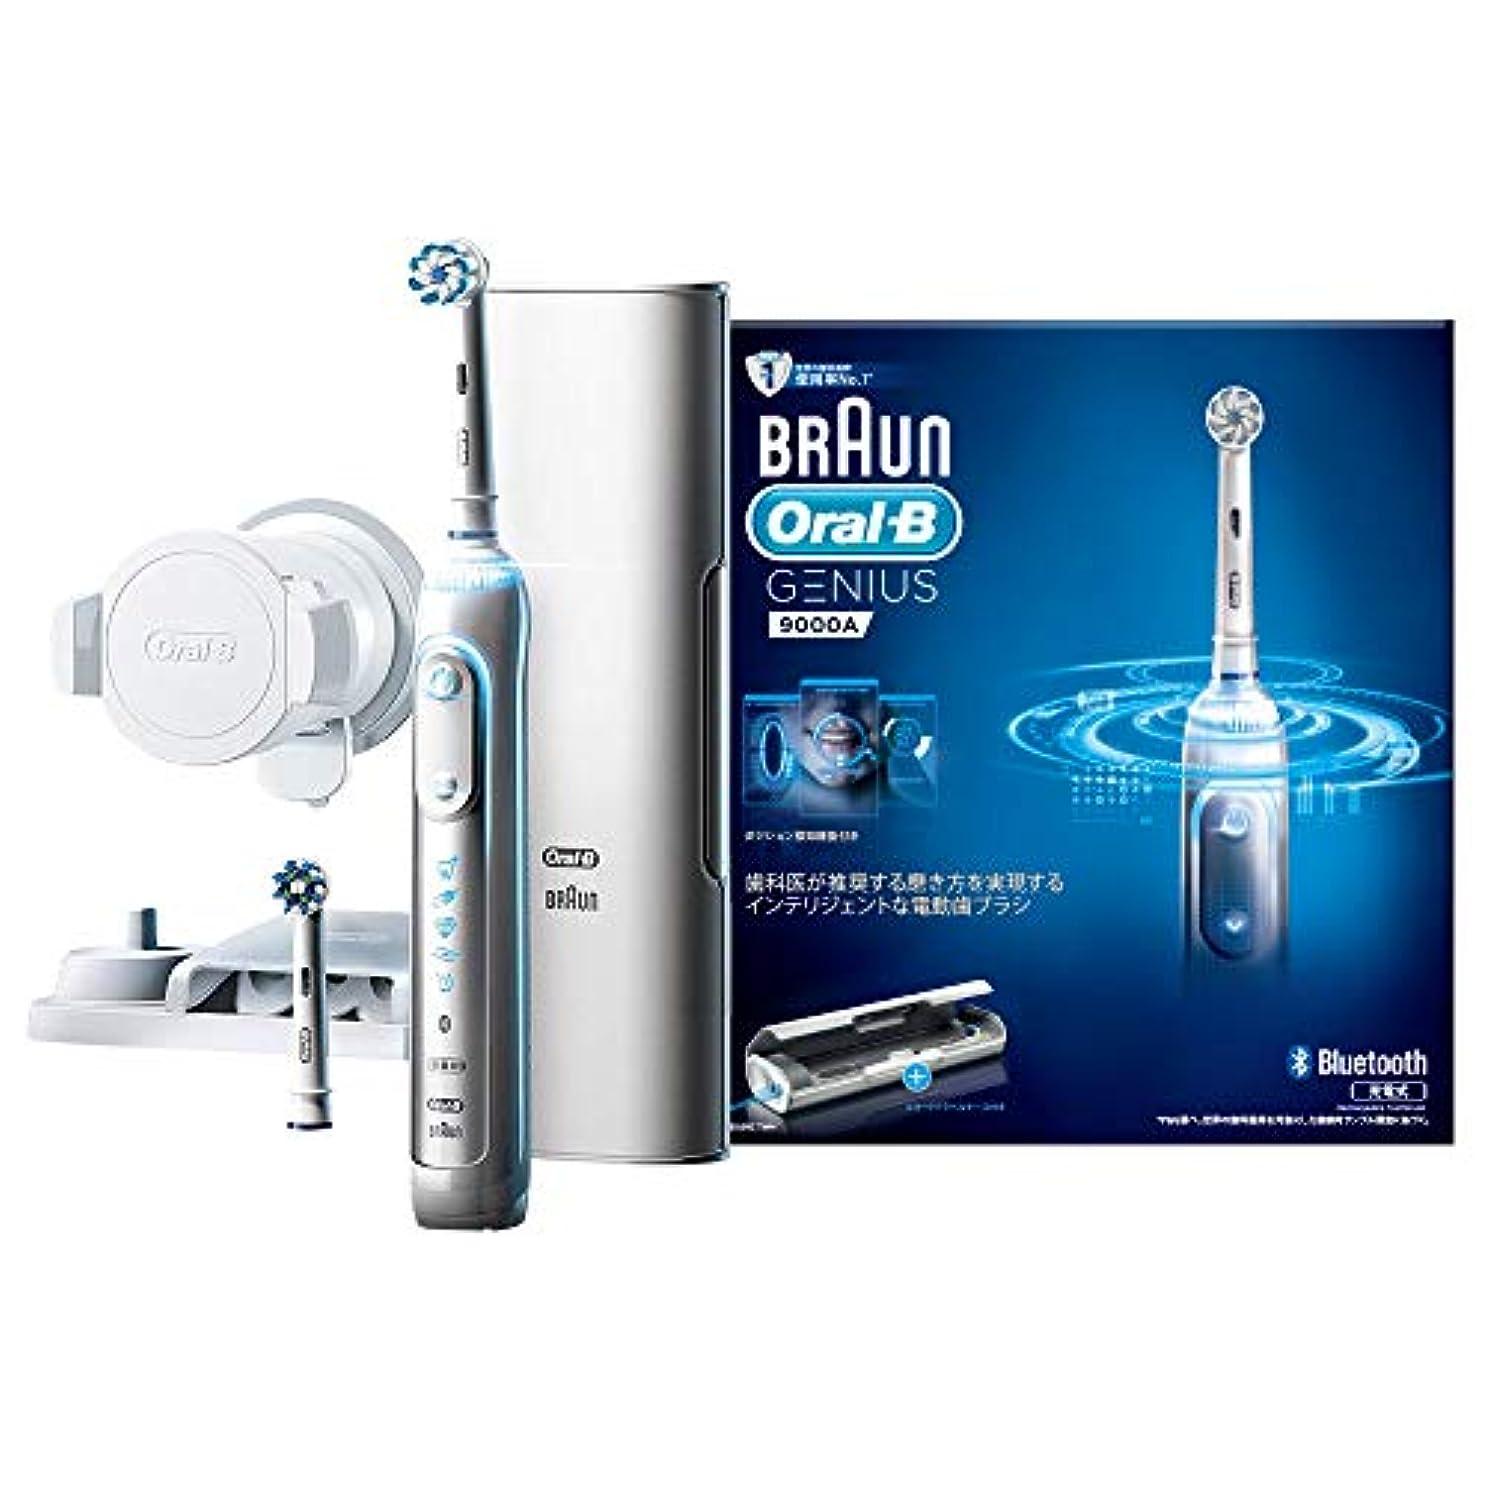 うめき多分無限大ブラウン オーラルB 電動歯ブラシ ジーニアス9000 ホワイト D7015256XCTWH